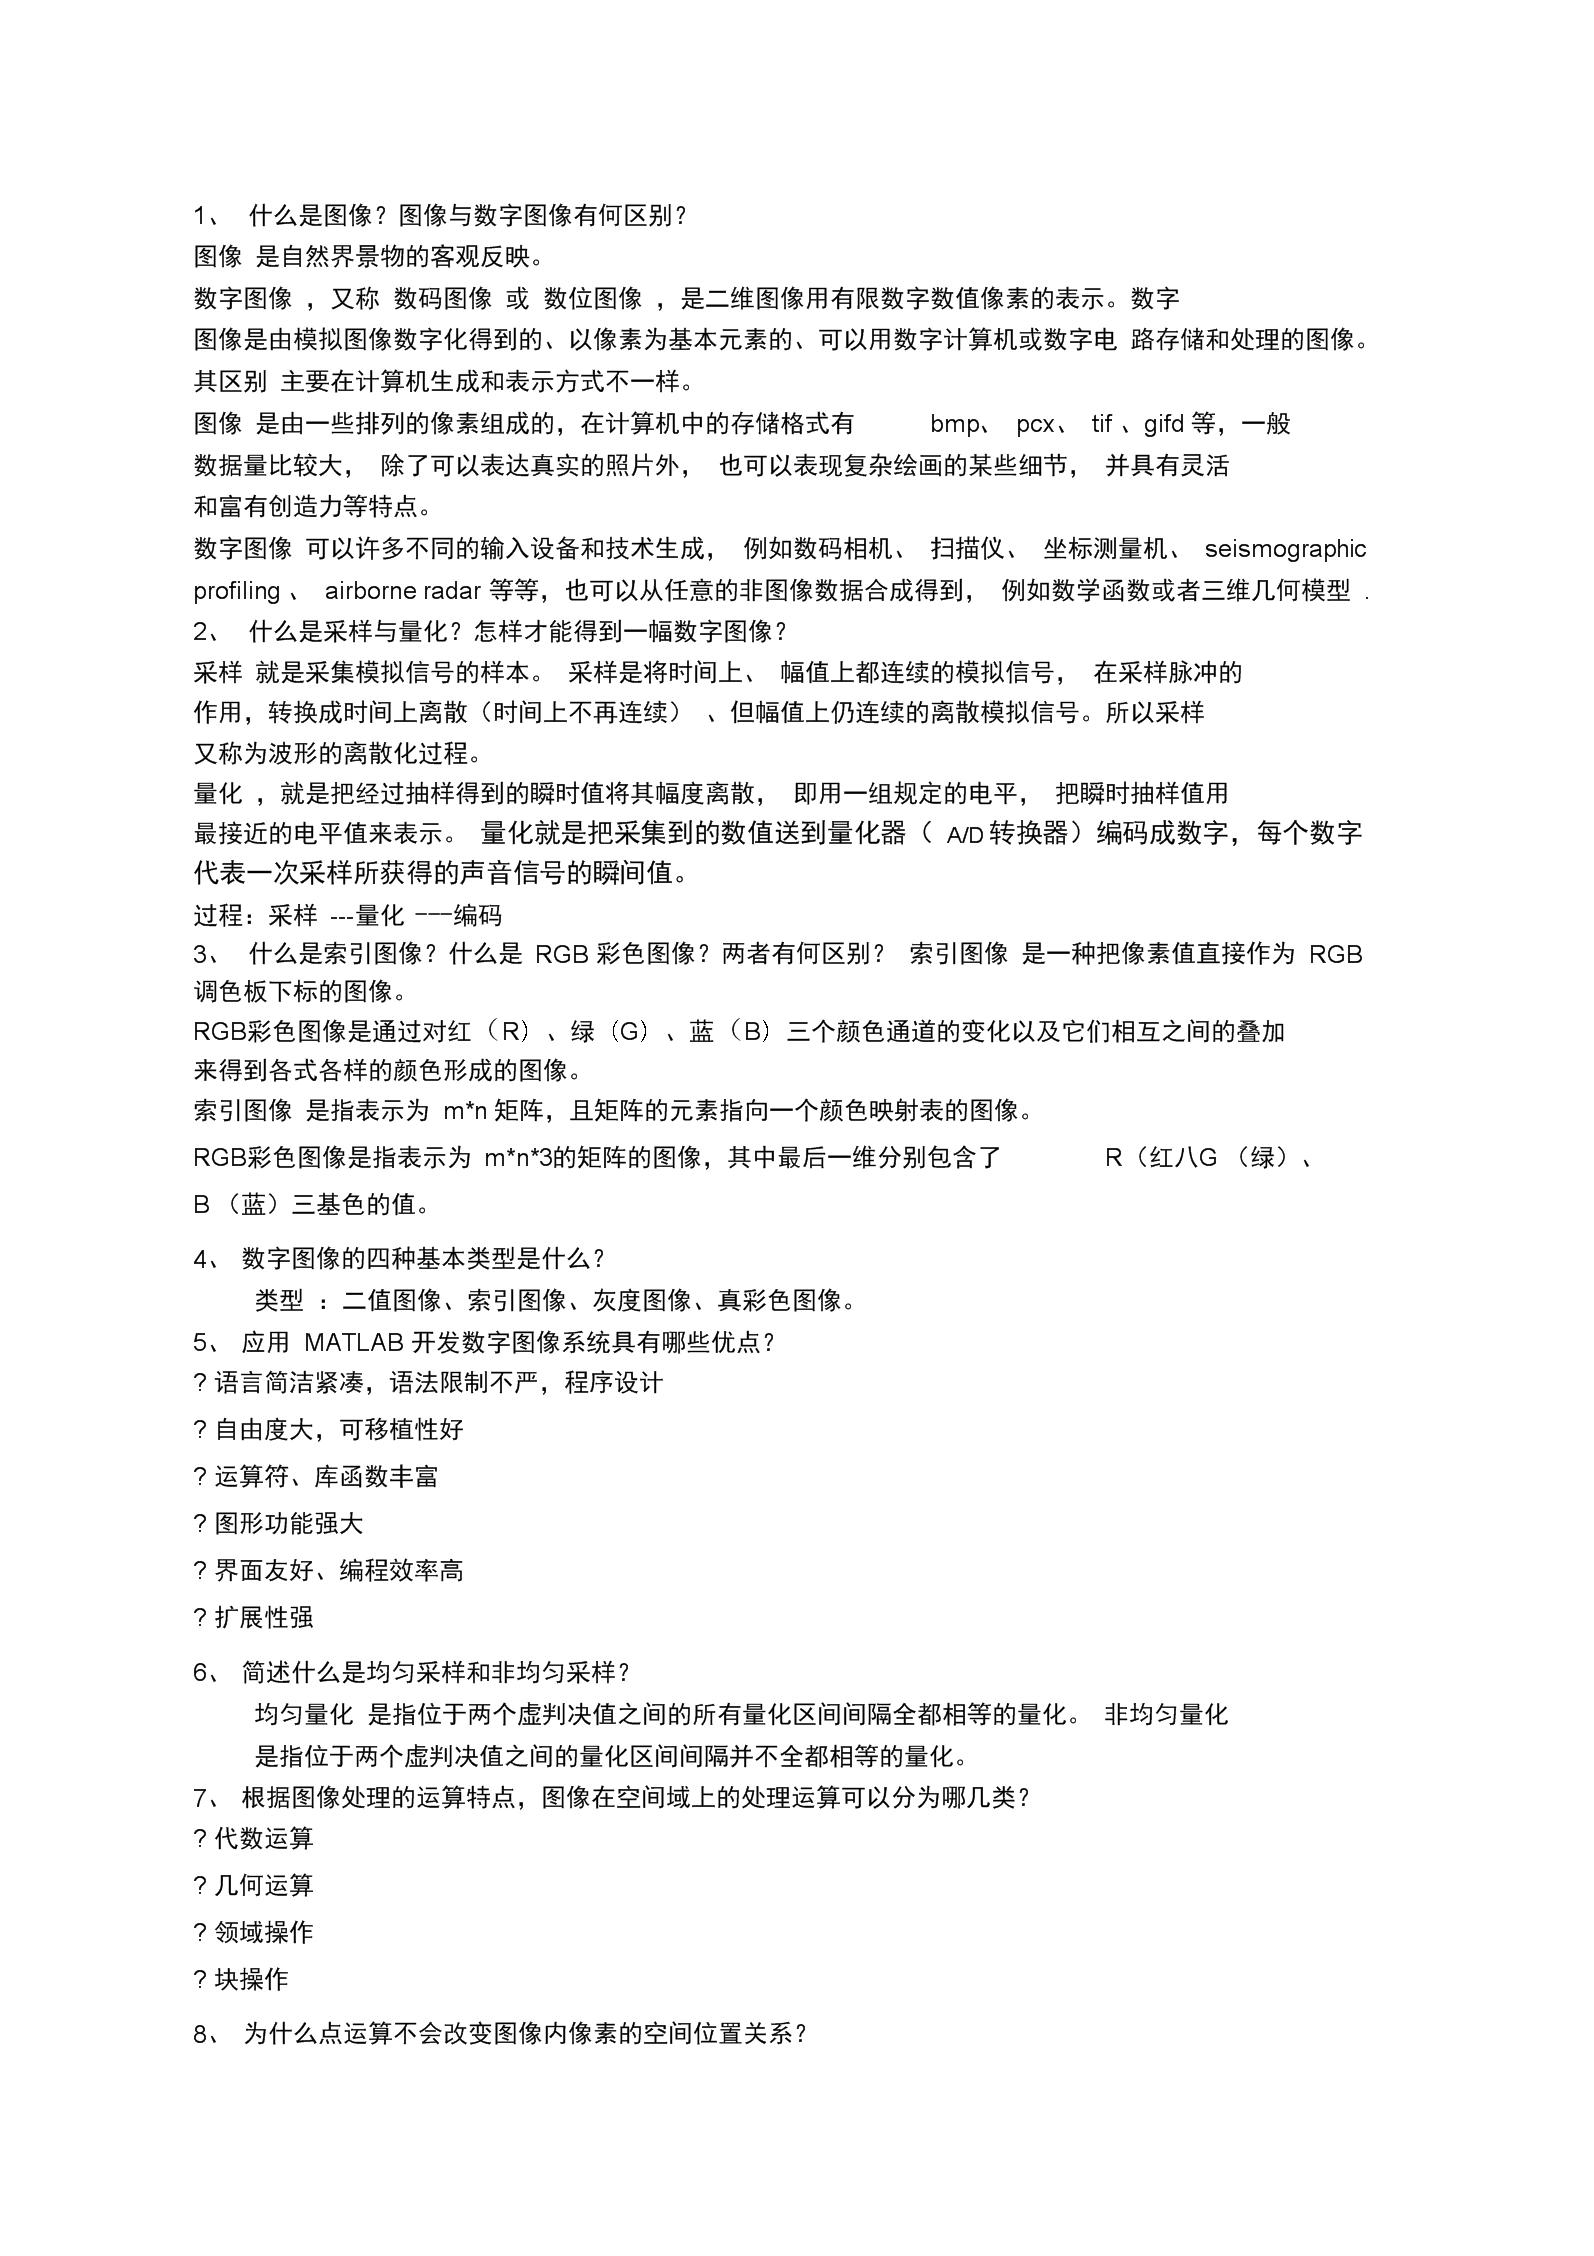 2020年新版MATLAB简答题.docx